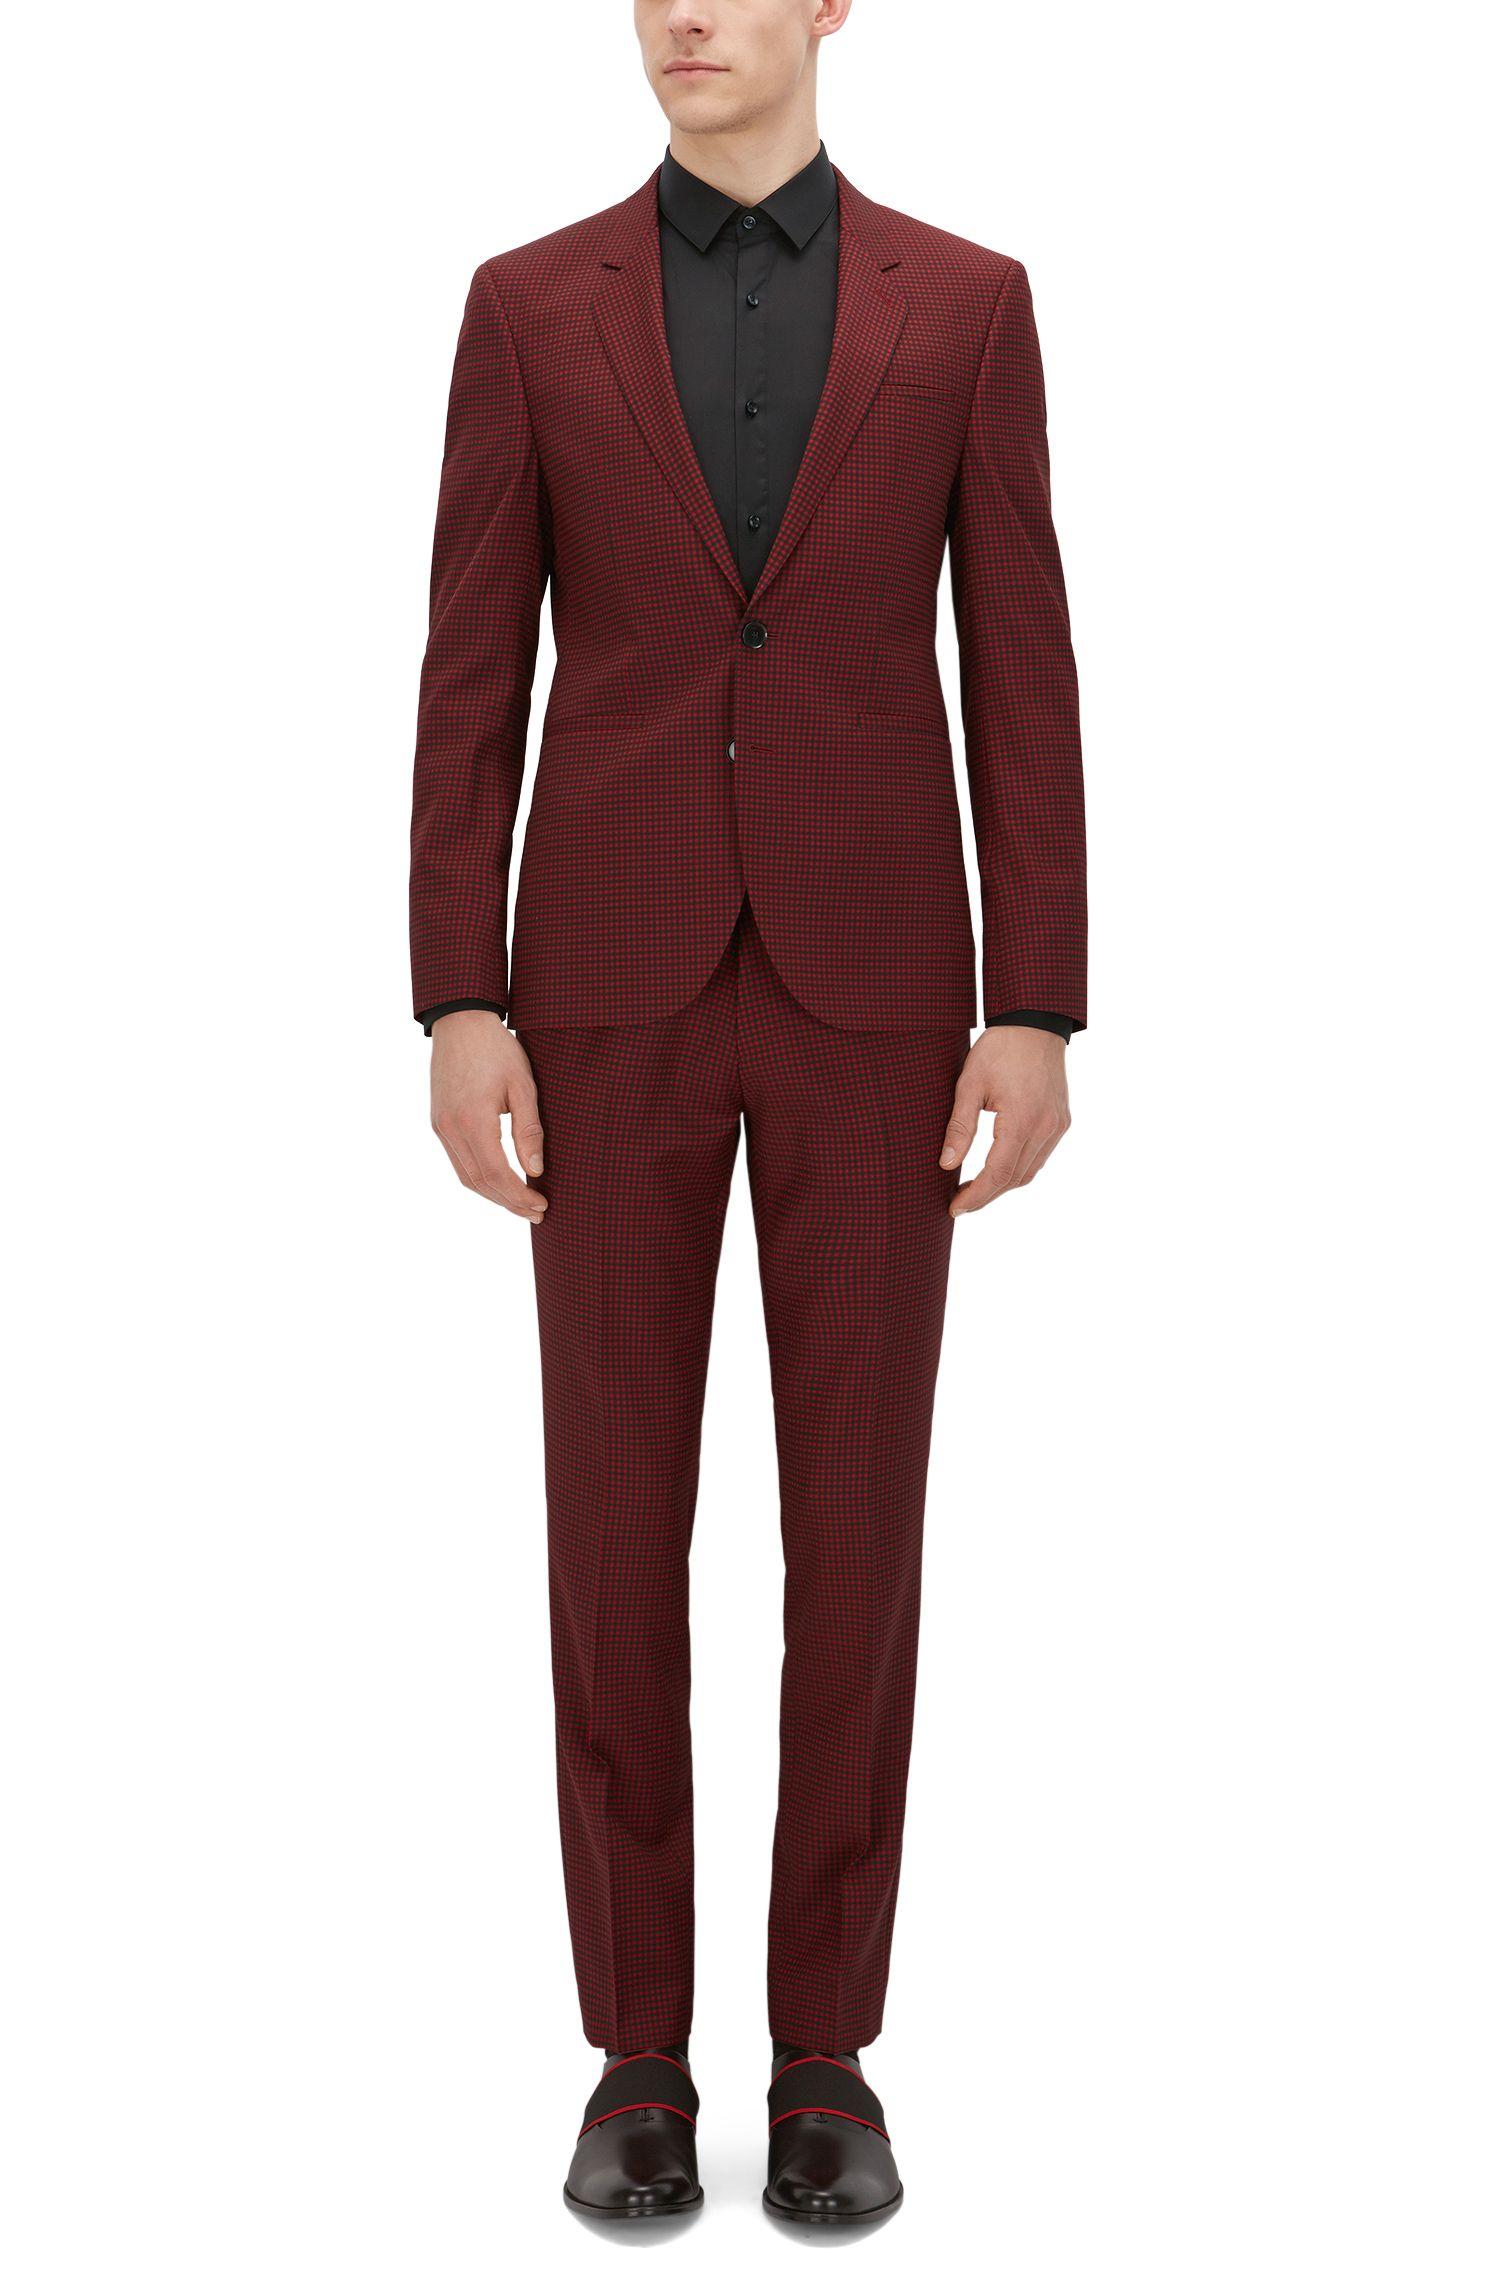 Gingham Super 110 Wool Suit, Extra-Slim Fit | Anwor/Hadlin